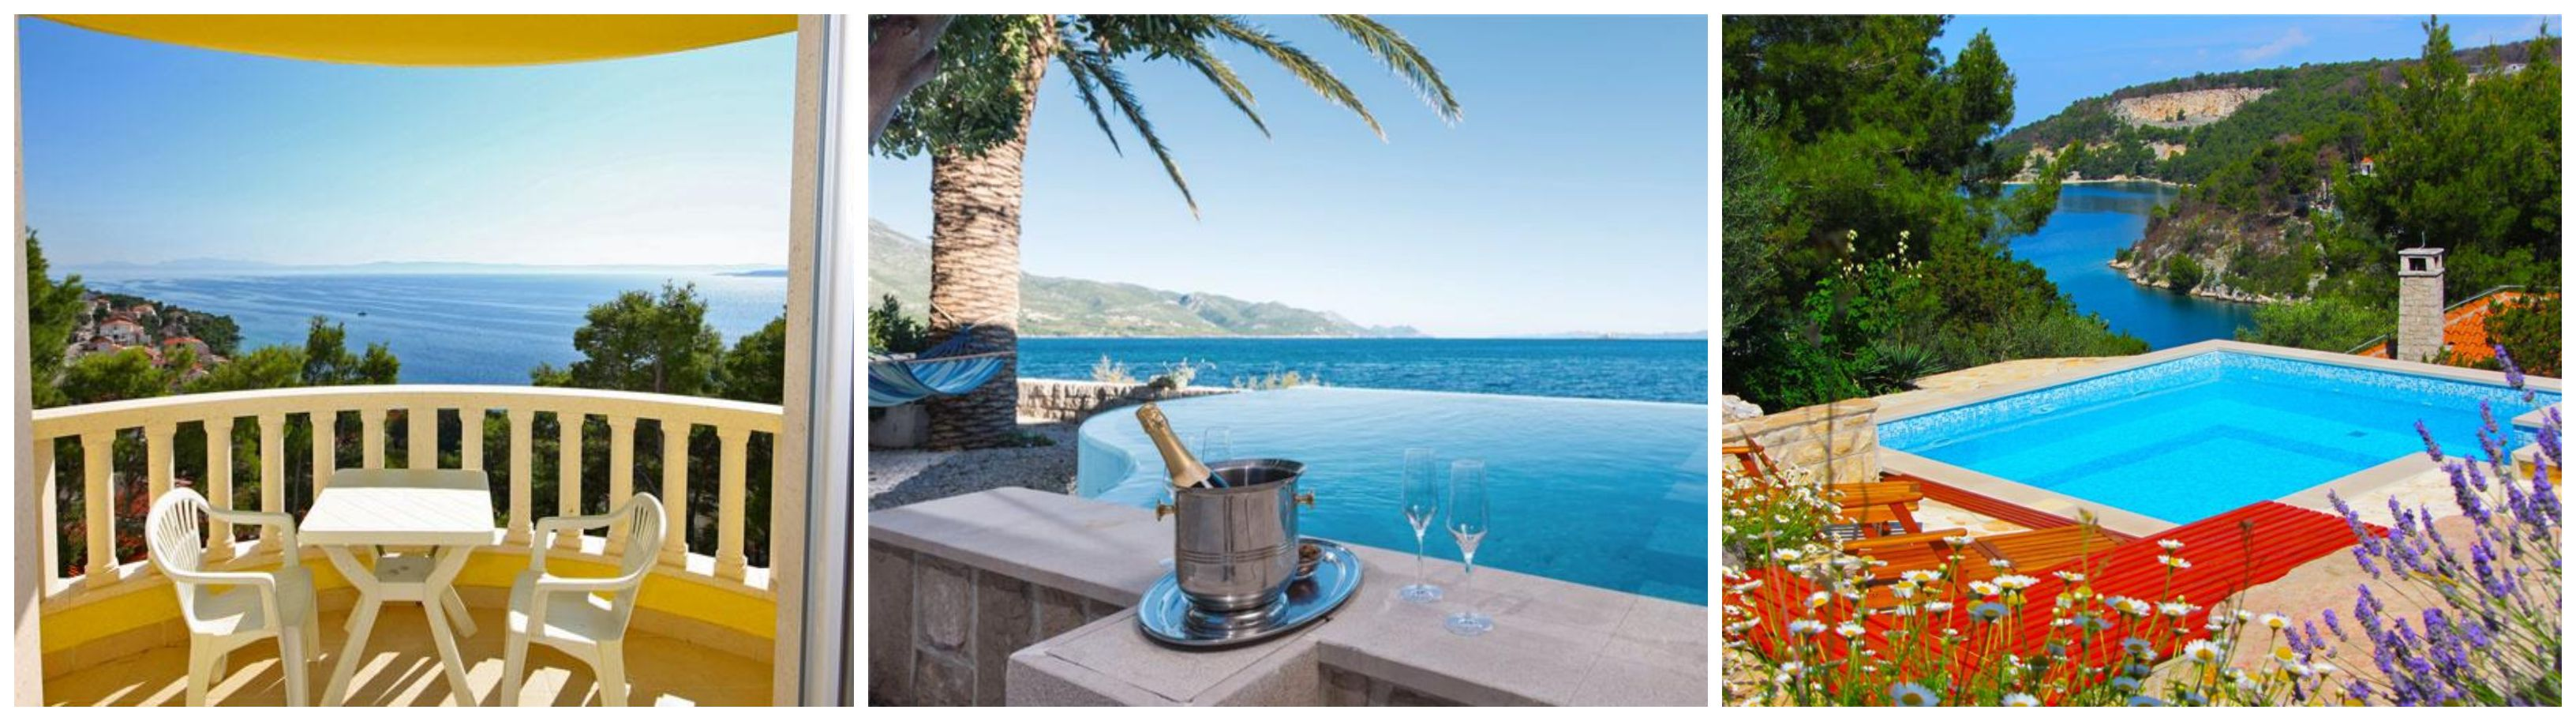 Romantic Villas for Couples